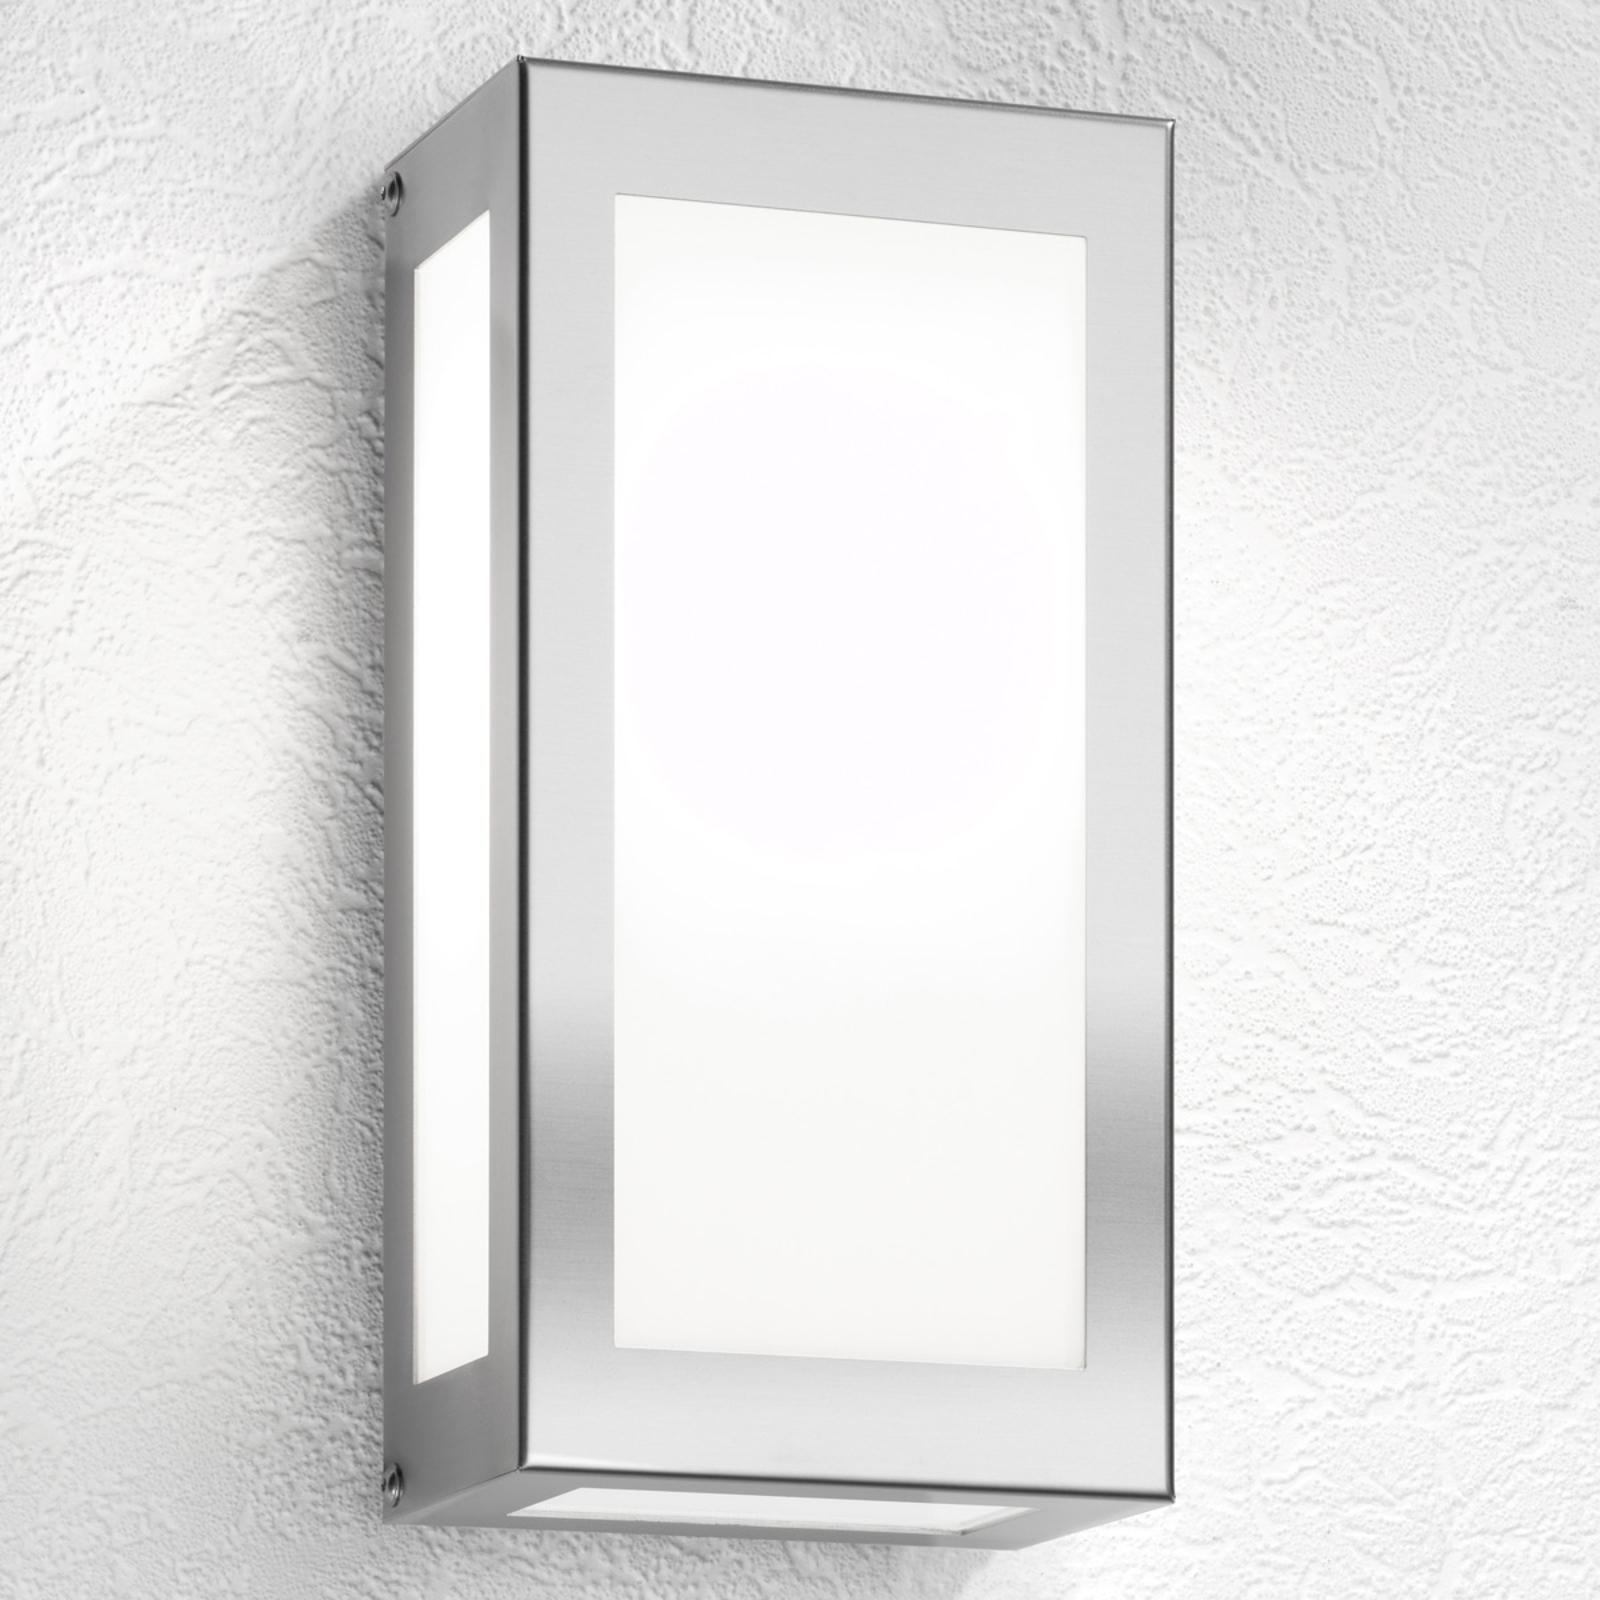 Neliön muotoinen Kina-LED-ulkoseinävalaisin